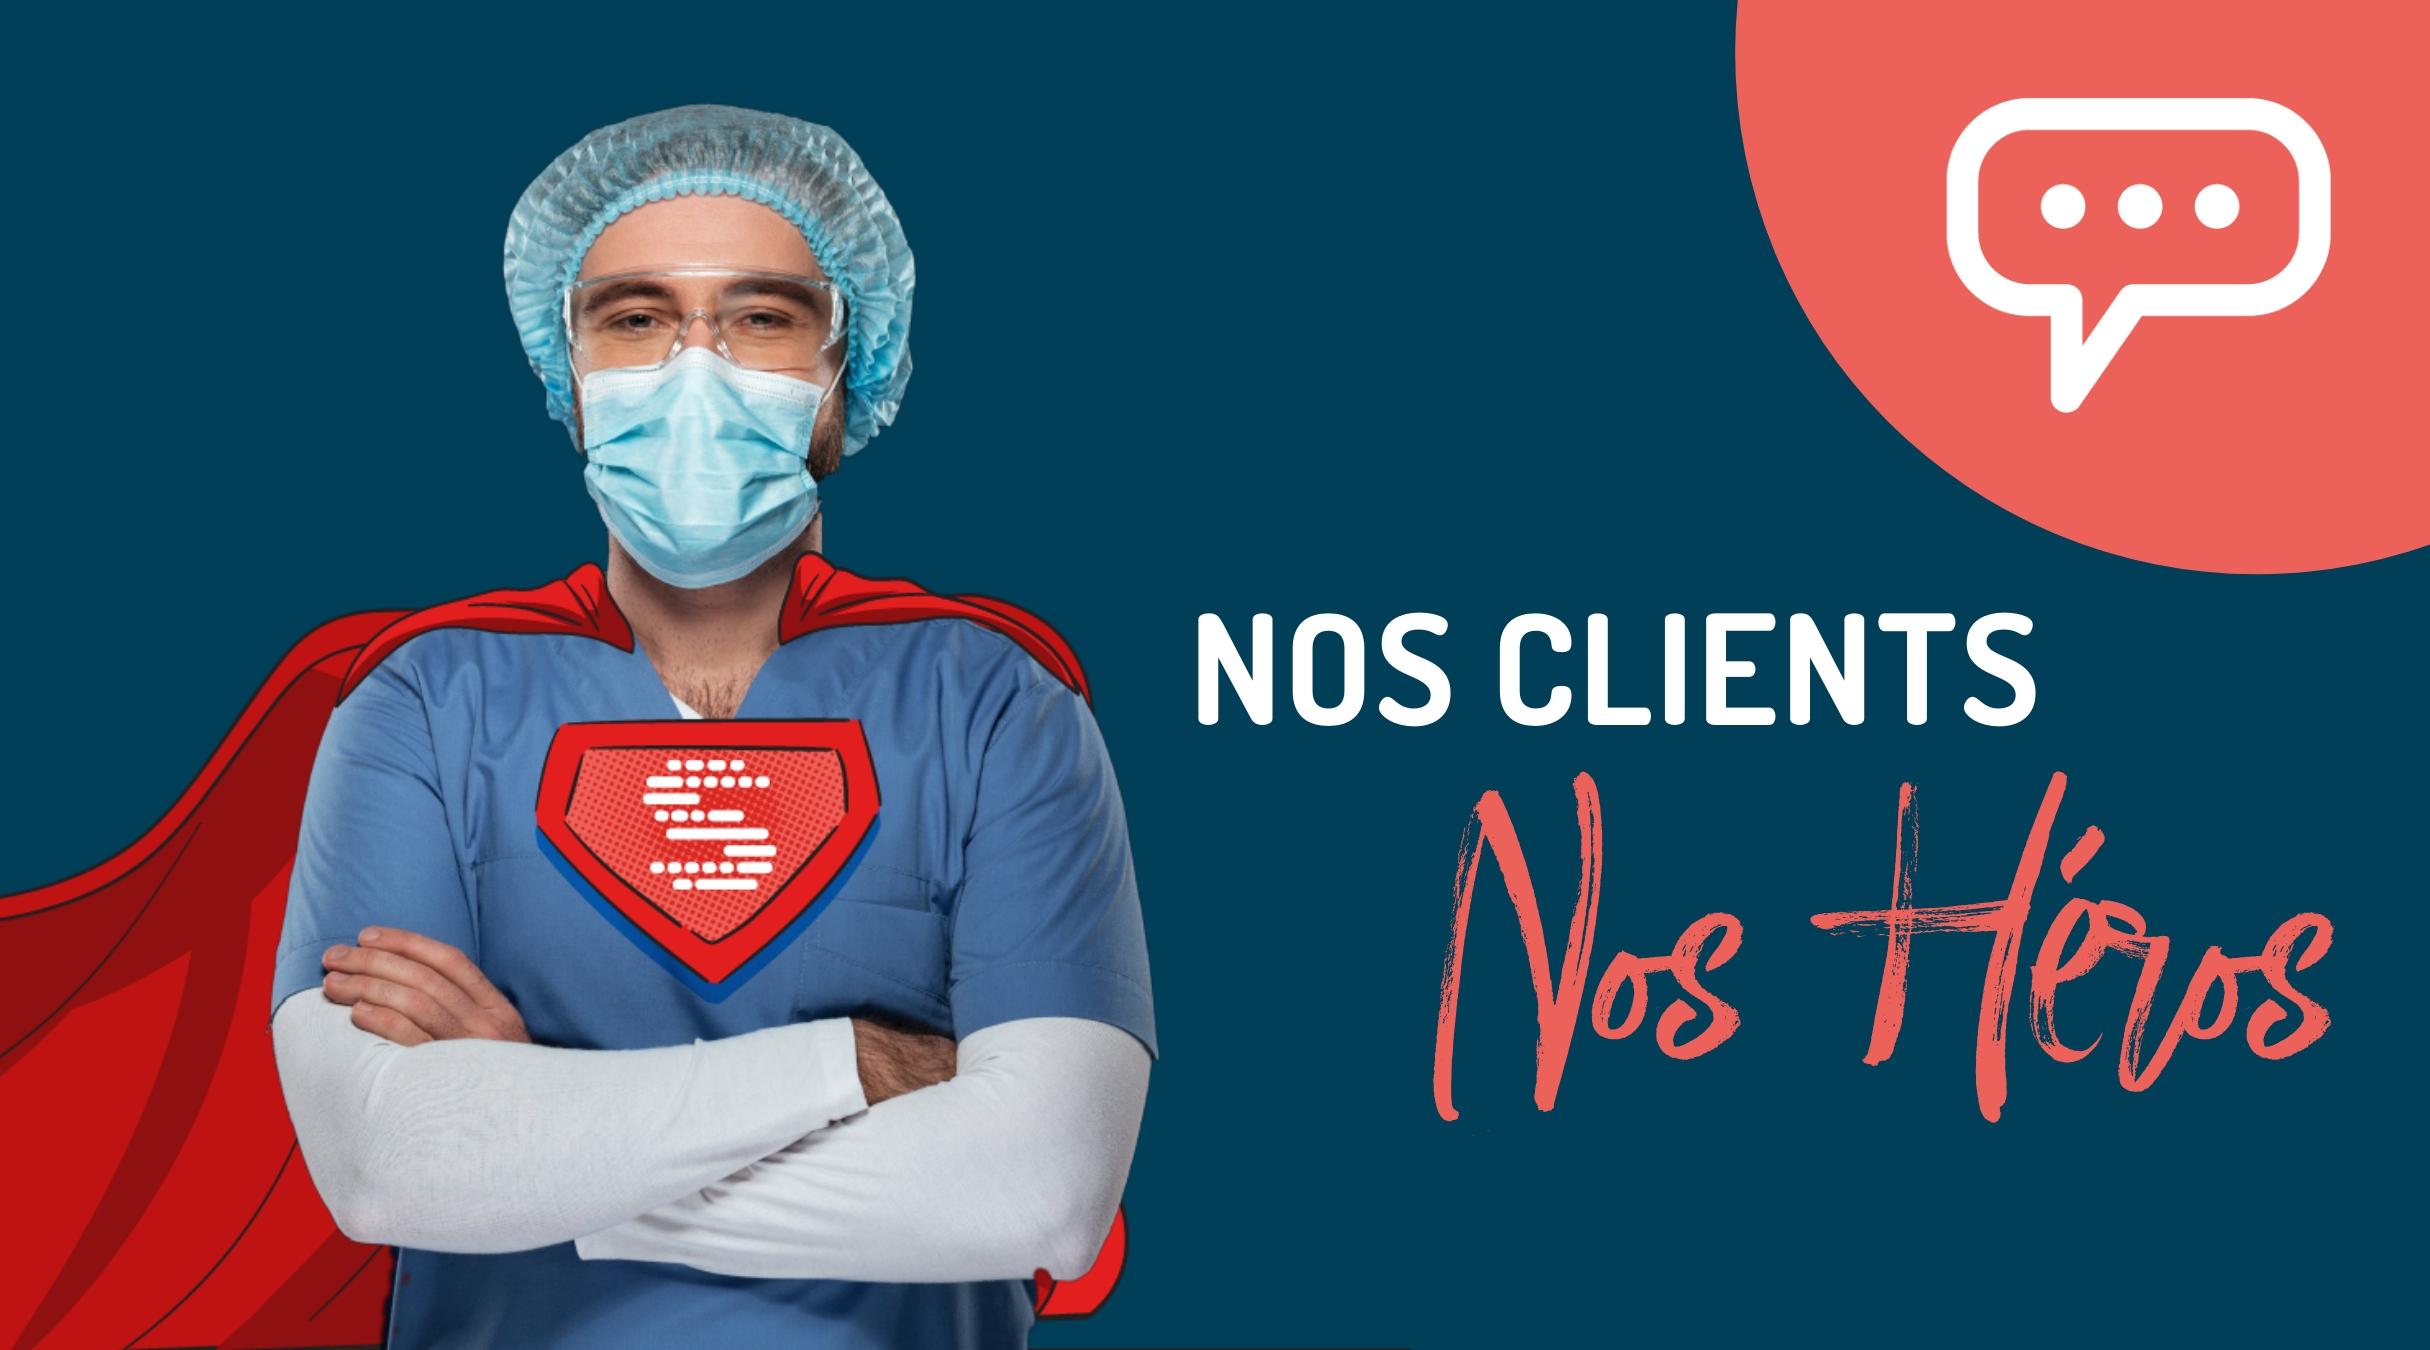 Nos Clients Nos Héros